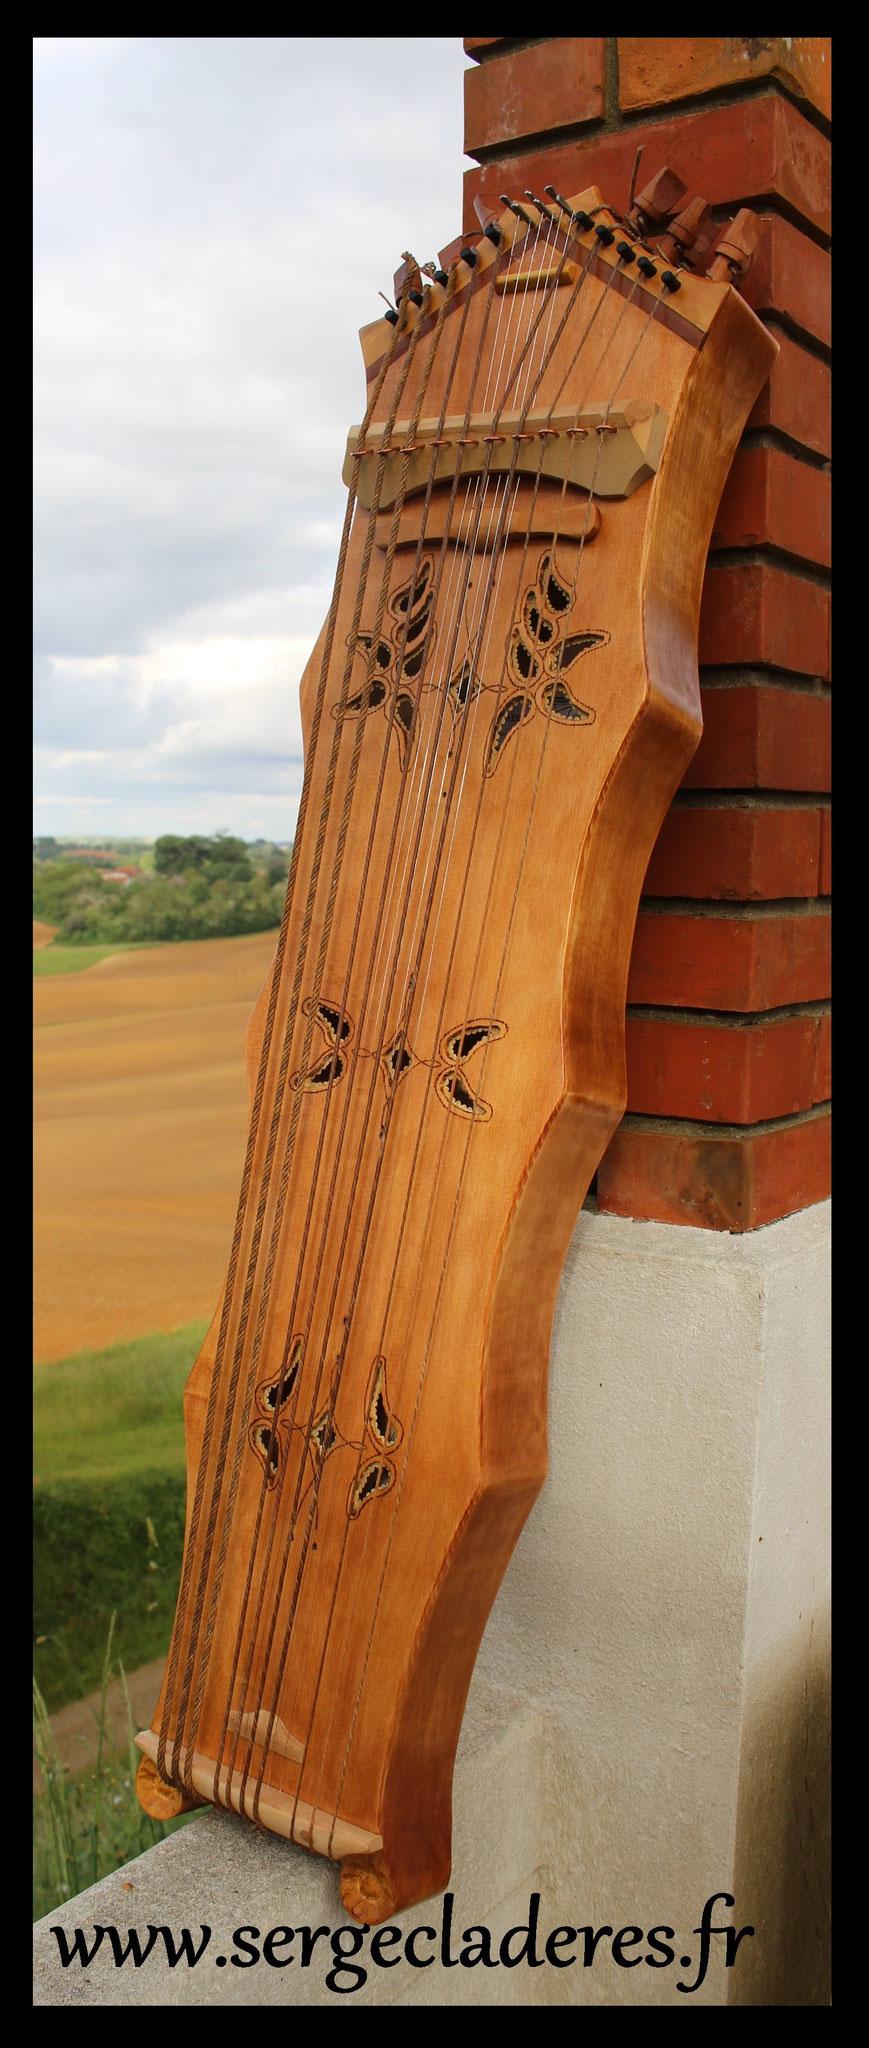 Tambourin à cordes à 2 accords, cordes sympathiques et rajout de parchemin. Modèle à 1597€